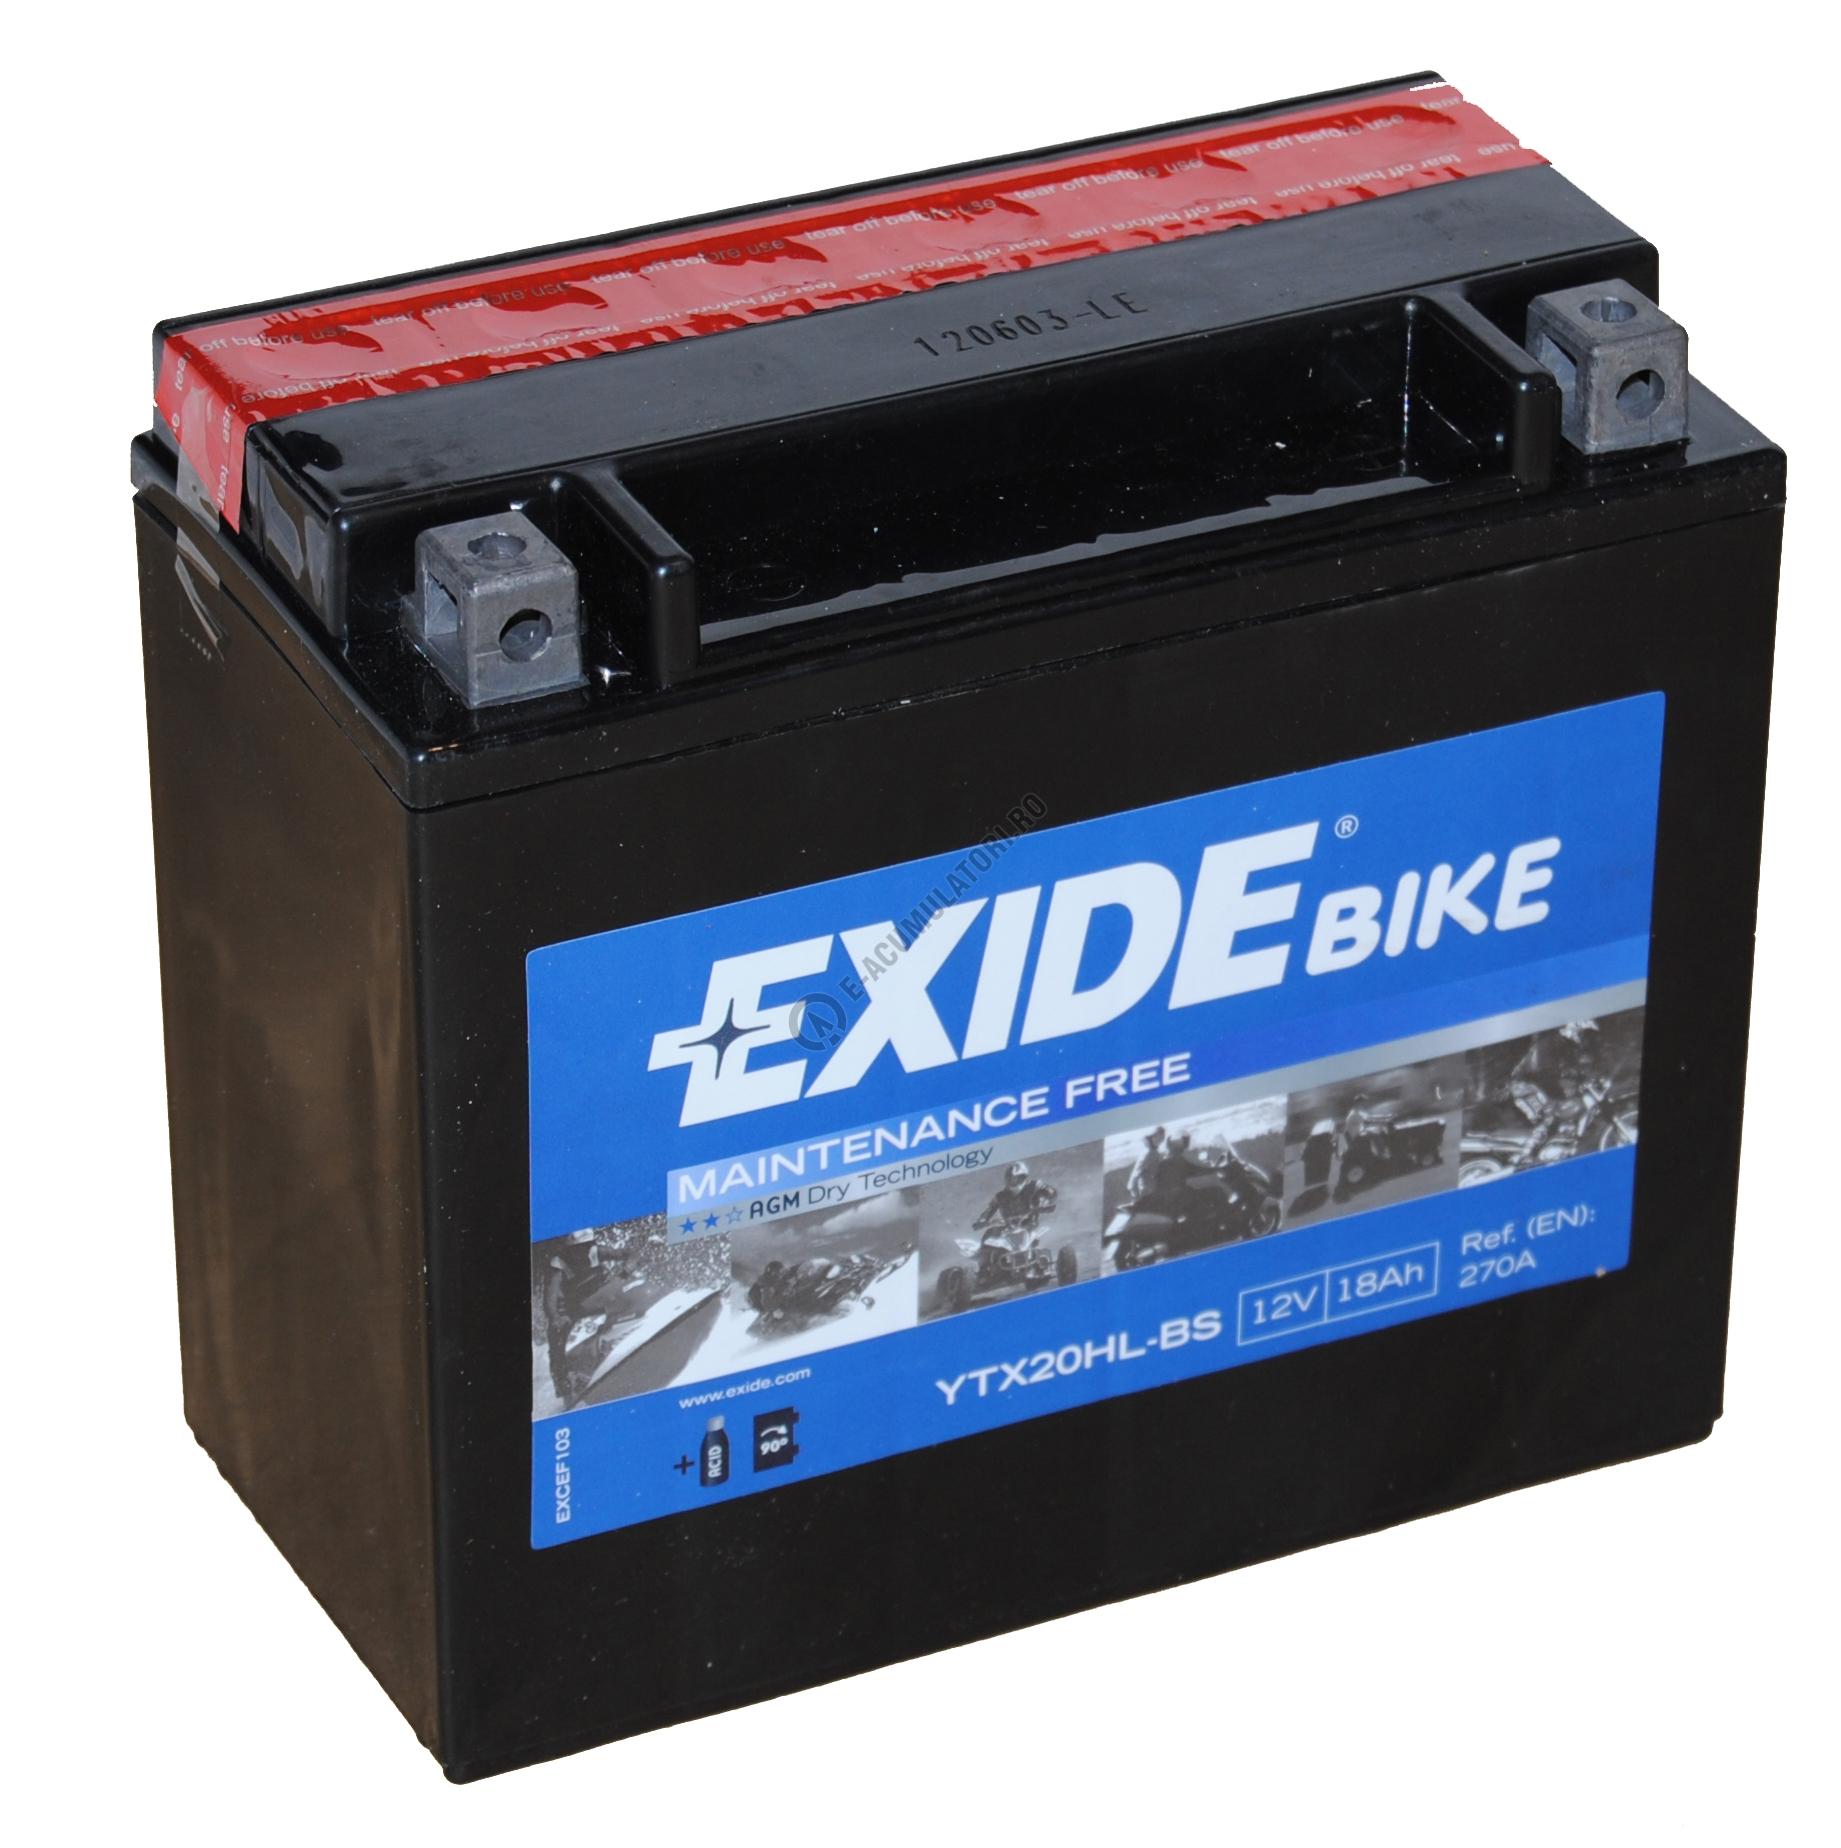 AKU 12V 18AH EXIDE ETX20HL-BS (YTX20L-BS)